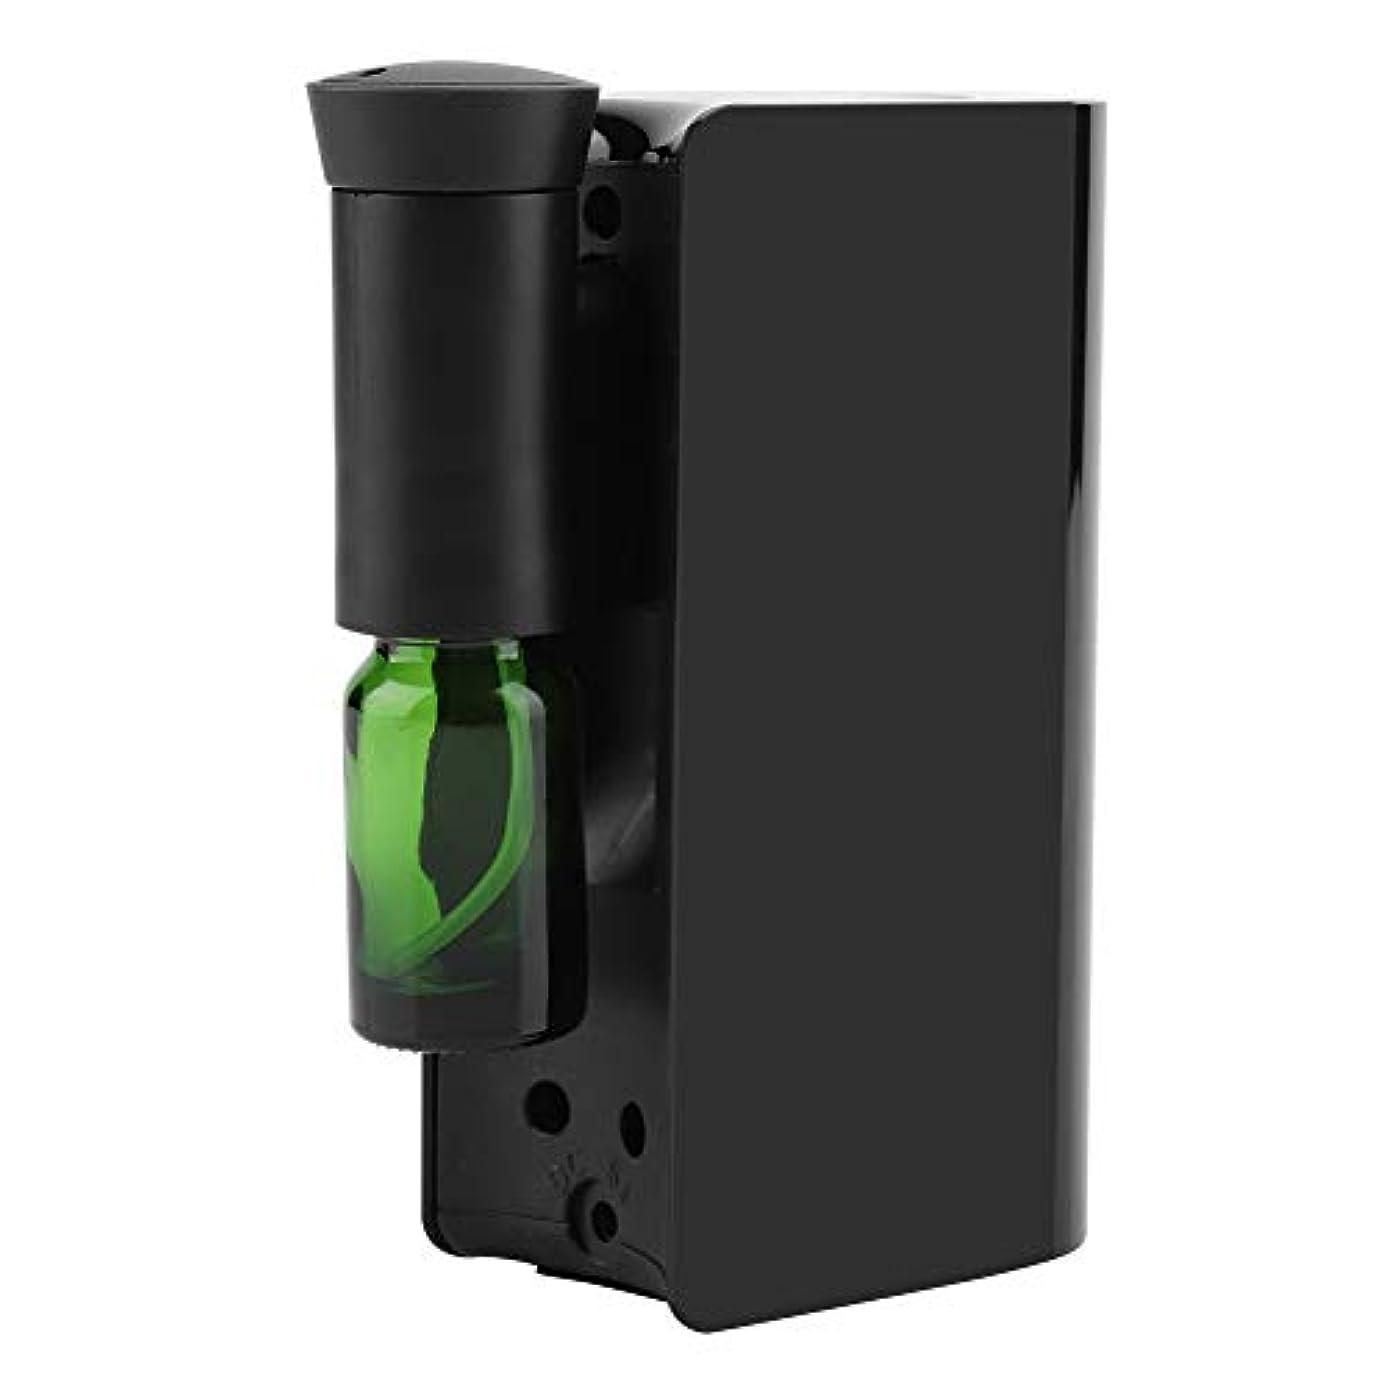 強制裁定南エッセンシャルオイルディフューザー、100ml USB充電式クールミスト加湿器アロマオイル加湿器気化器アロマディフューザー(ブラック)